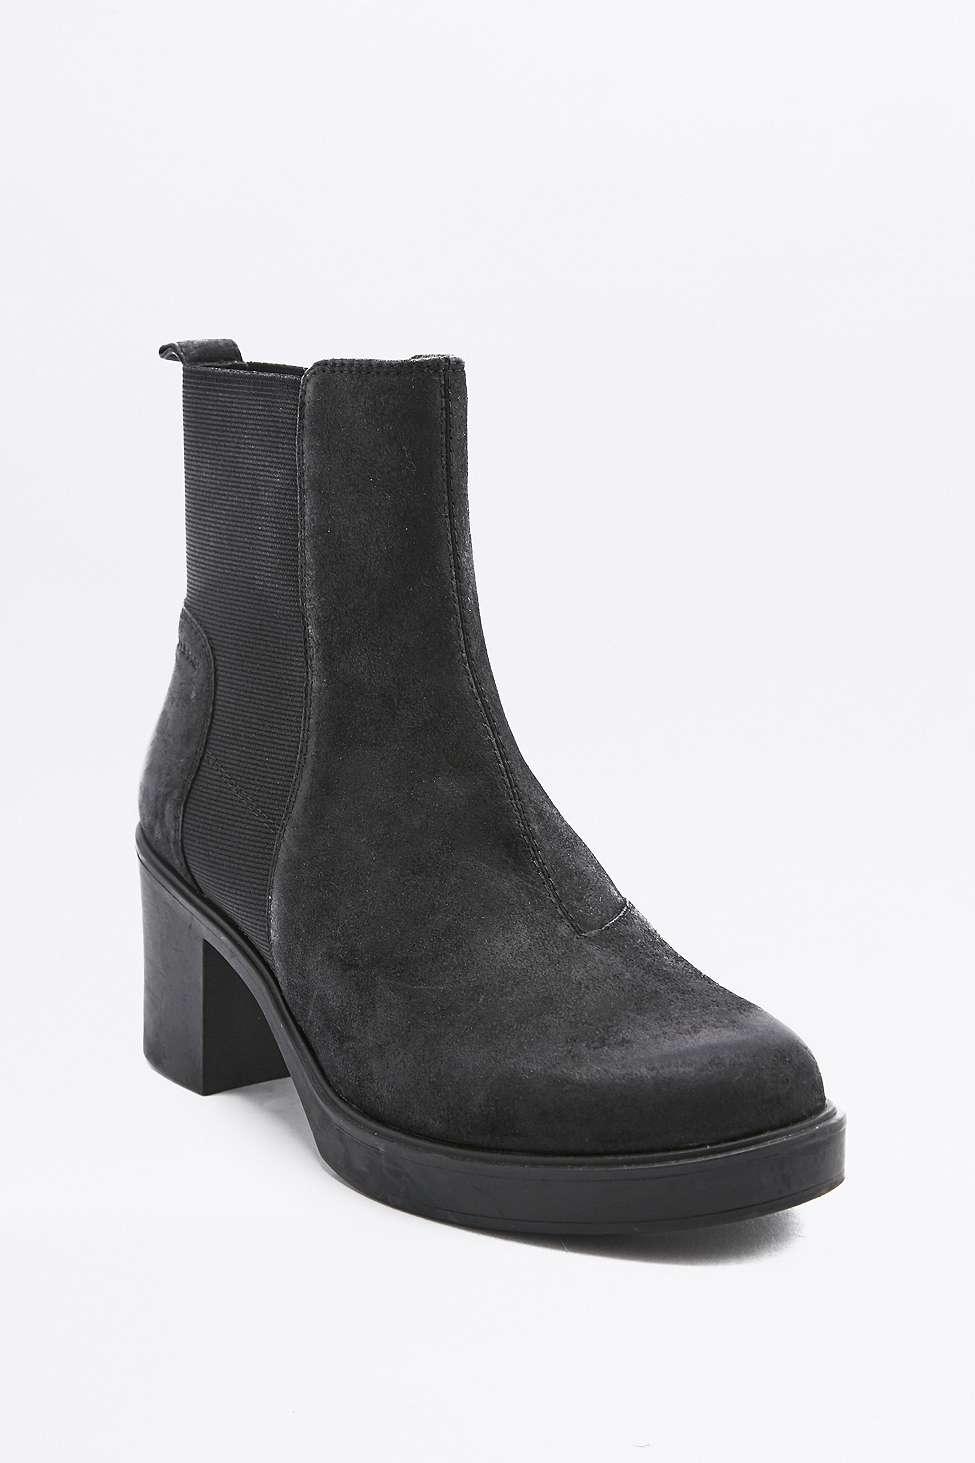 vagabond tilda black nubuck leather chelsea ankle boots in black lyst. Black Bedroom Furniture Sets. Home Design Ideas